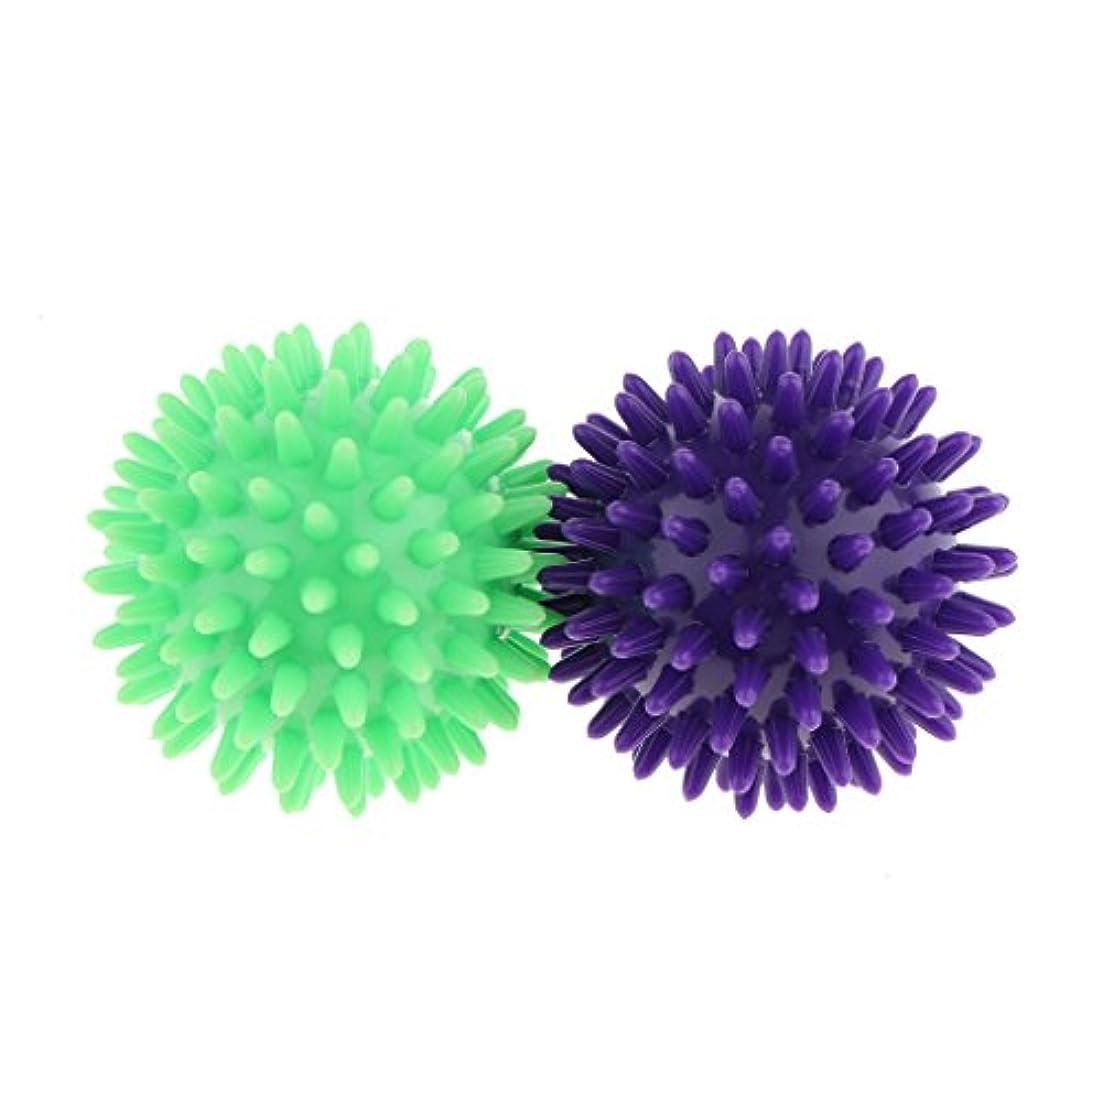 カポックましいカフェマッサージボール スパイシー マッサージ ボール ボディトリガー ポイント 2個セット 3タイプ選べ - 紫ライトグリーン